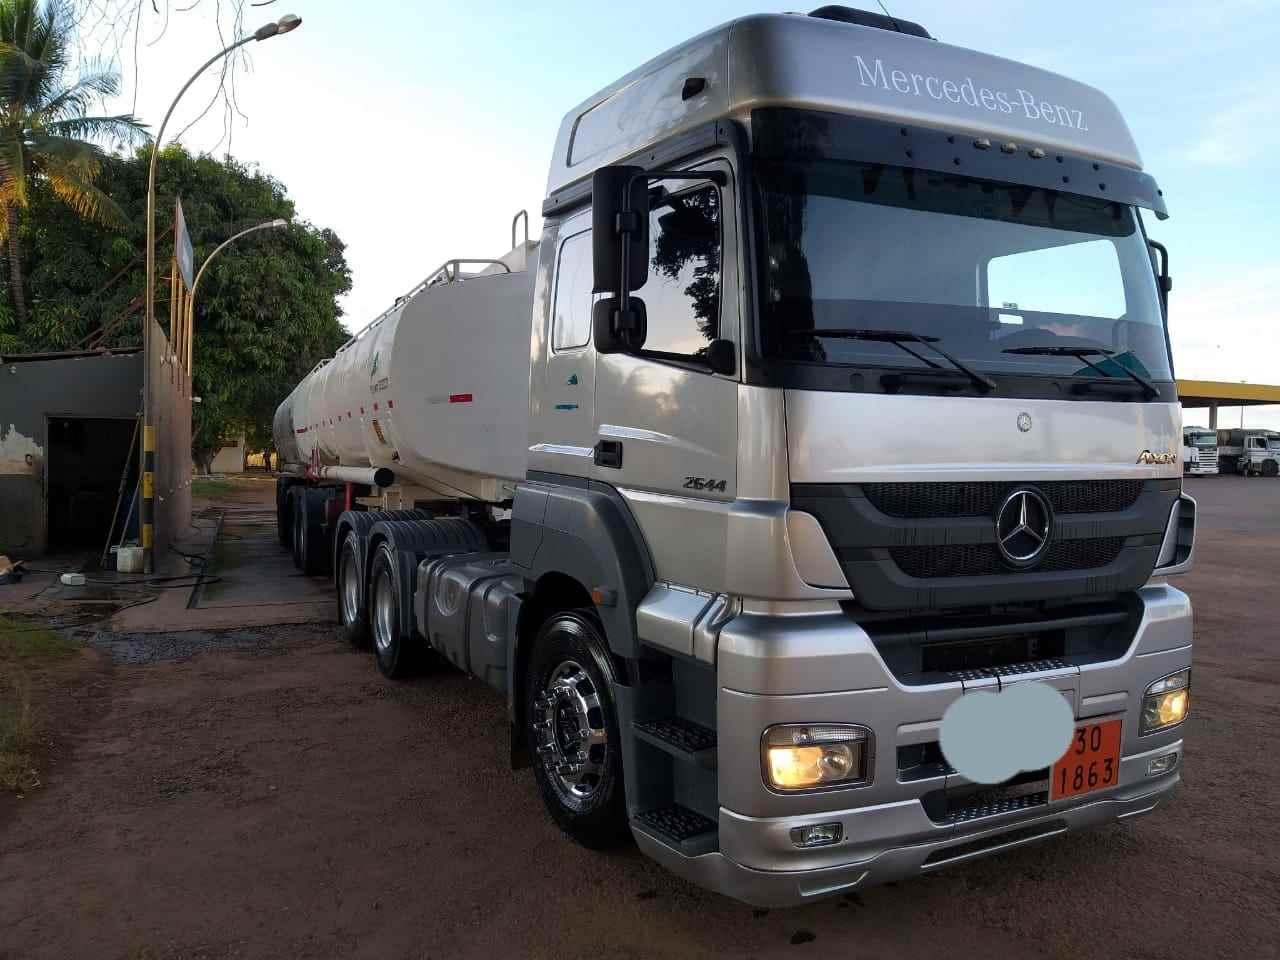 CAMINHAO MERCEDES-BENZ MB 2644 Cavalo Mecânico Traçado 6x4 Diogo Caminhões ANAPOLIS GOIAS GO